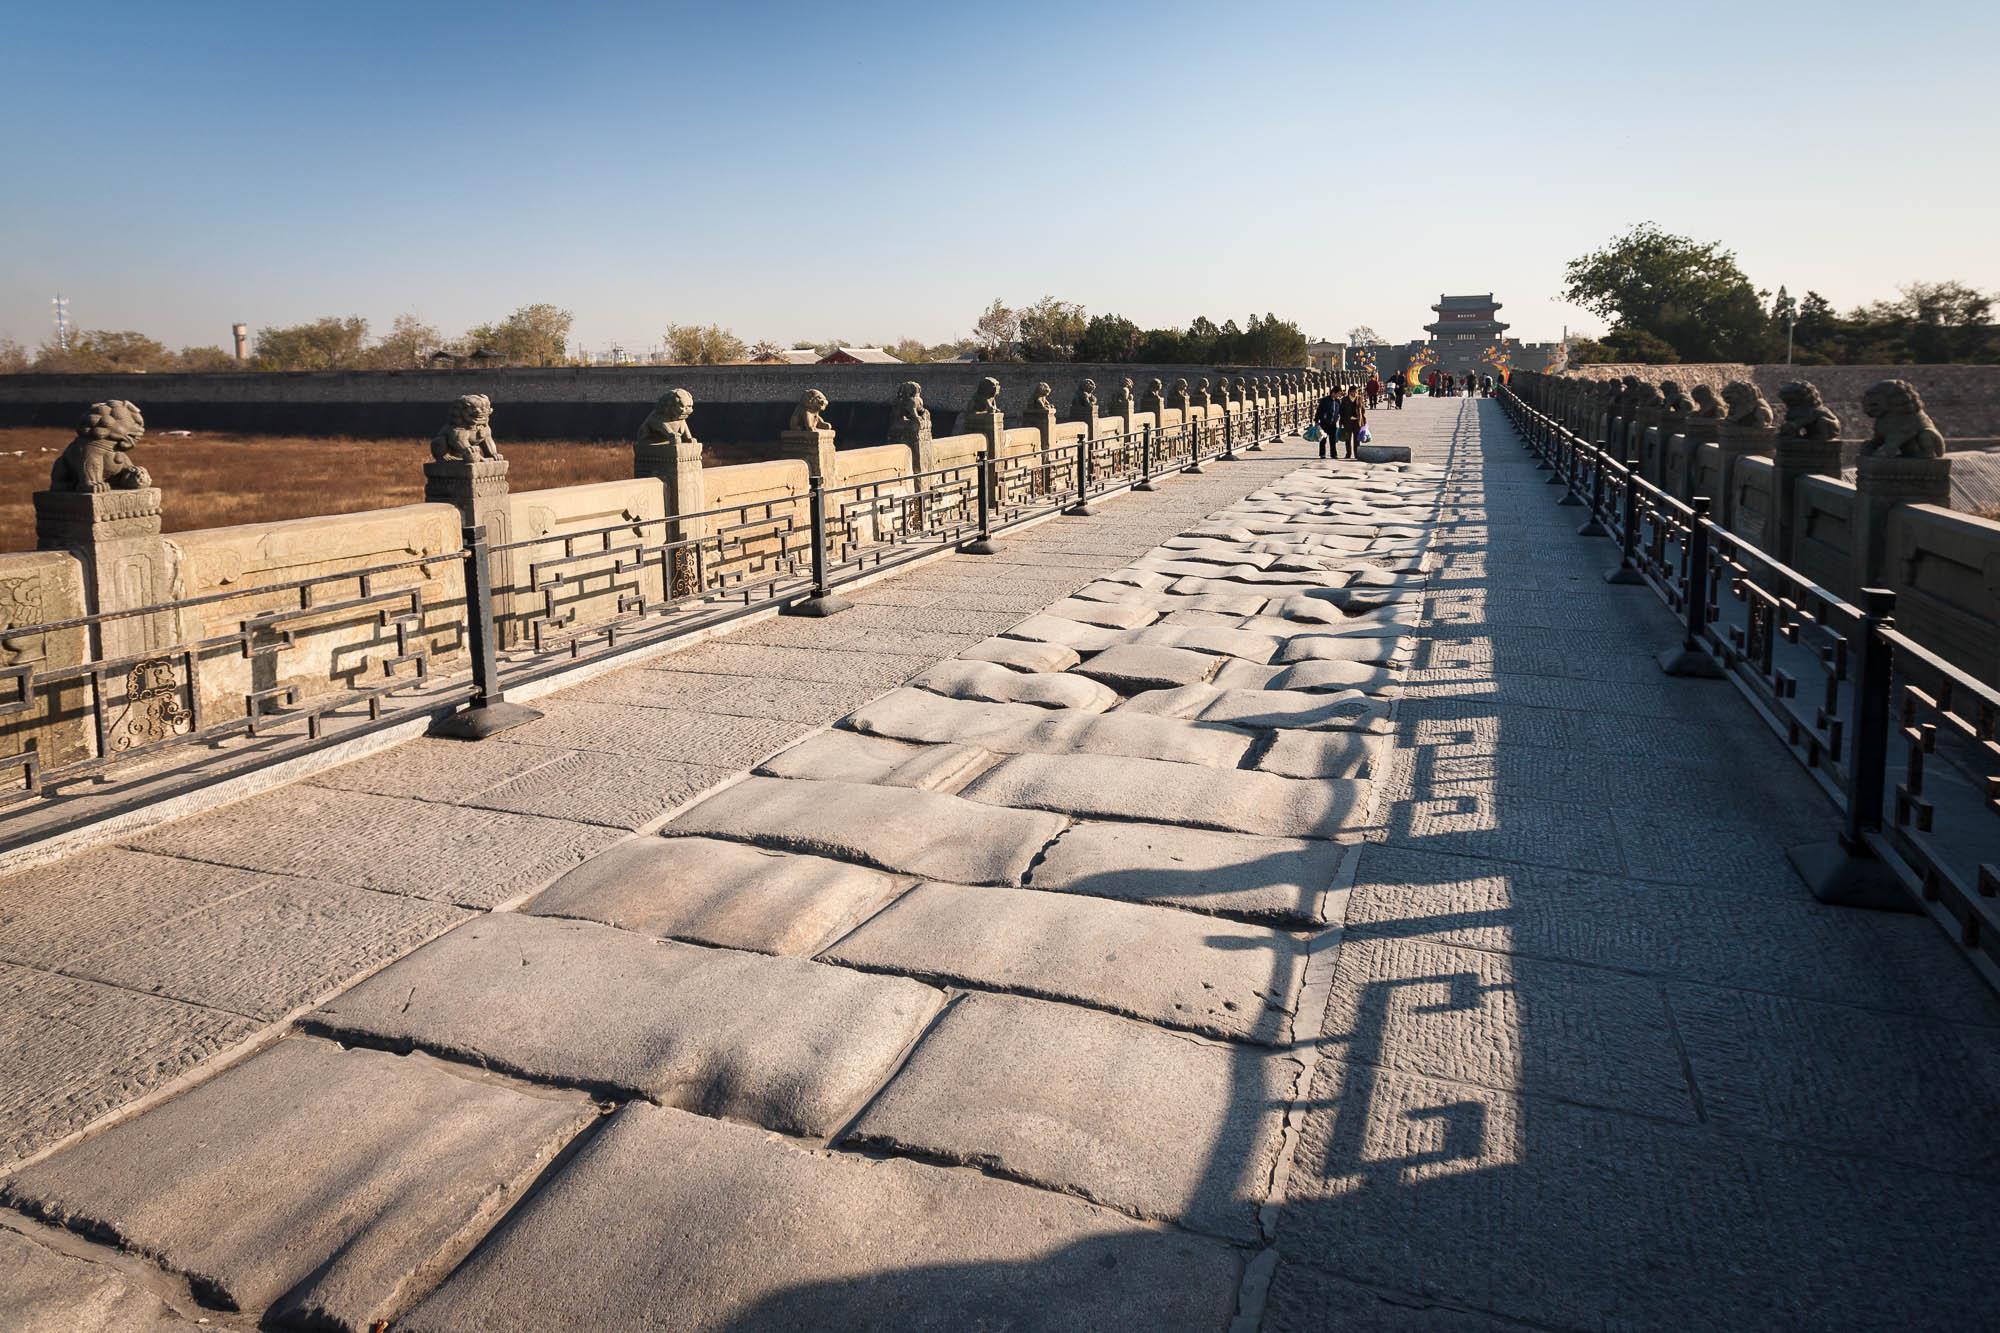 Lugouqiao or Marco-Polo-Bridge